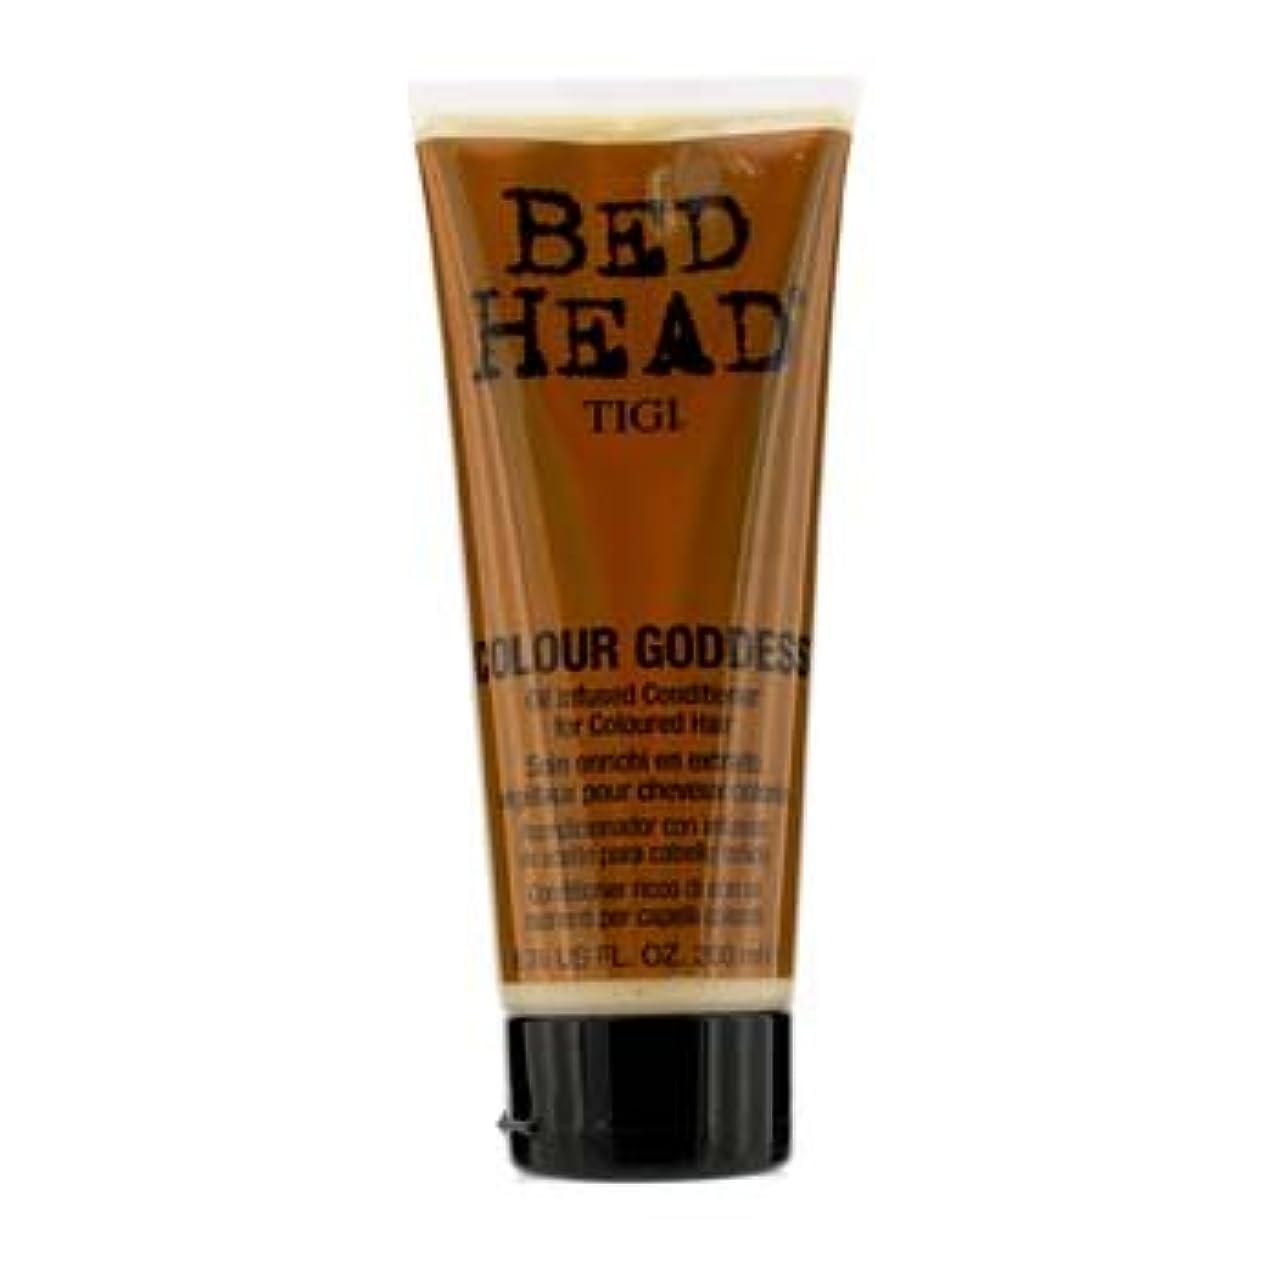 公然と昆虫を見る接辞[Tigi] Bed Head Colour Goddess Oil Infused Conditioner (For Coloured Hair) 200ml/6.76oz